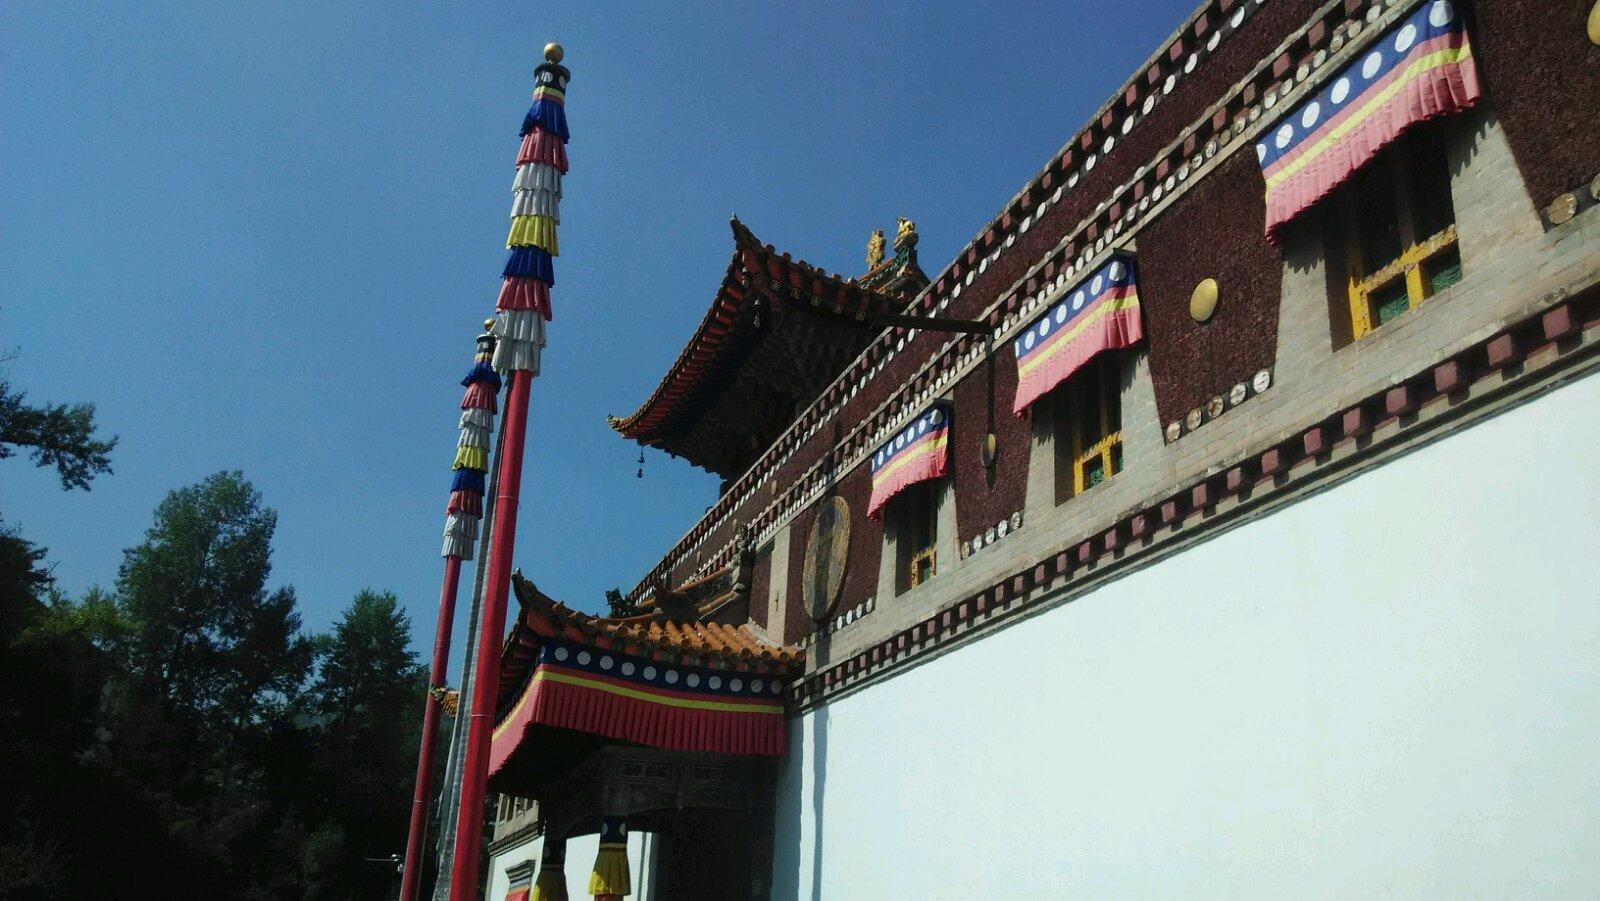 塔尔寺,藏文名称贡本贤巴林(十万佛像弥勒州),位于青海湟中县(距西宁28km),始建于藏历第六绕迴土羊年(明洪武十二年,公元一三七九年),是我国藏传佛教的四大中心之一,藏传 格鲁派的六大寺院之一,雪域伟大的上师、藏传佛教格鲁派开创者宗喀巴的诞生地。全寺占地面积600亩,建筑面积四十五万平方米。主体建筑五十二座,殿堂僧舍1万余间,鼎盛时期住寺僧众三千六百名。塔尔寺古建殿宇雄伟壮观,文物珍品琳琅满目,古籍藏书浩如烟海,艺术三绝(壁画,堆绣,酥油花)异彩纷呈。寺设四大经院(显宗,密宗,时轮,医明),闻思五明,修